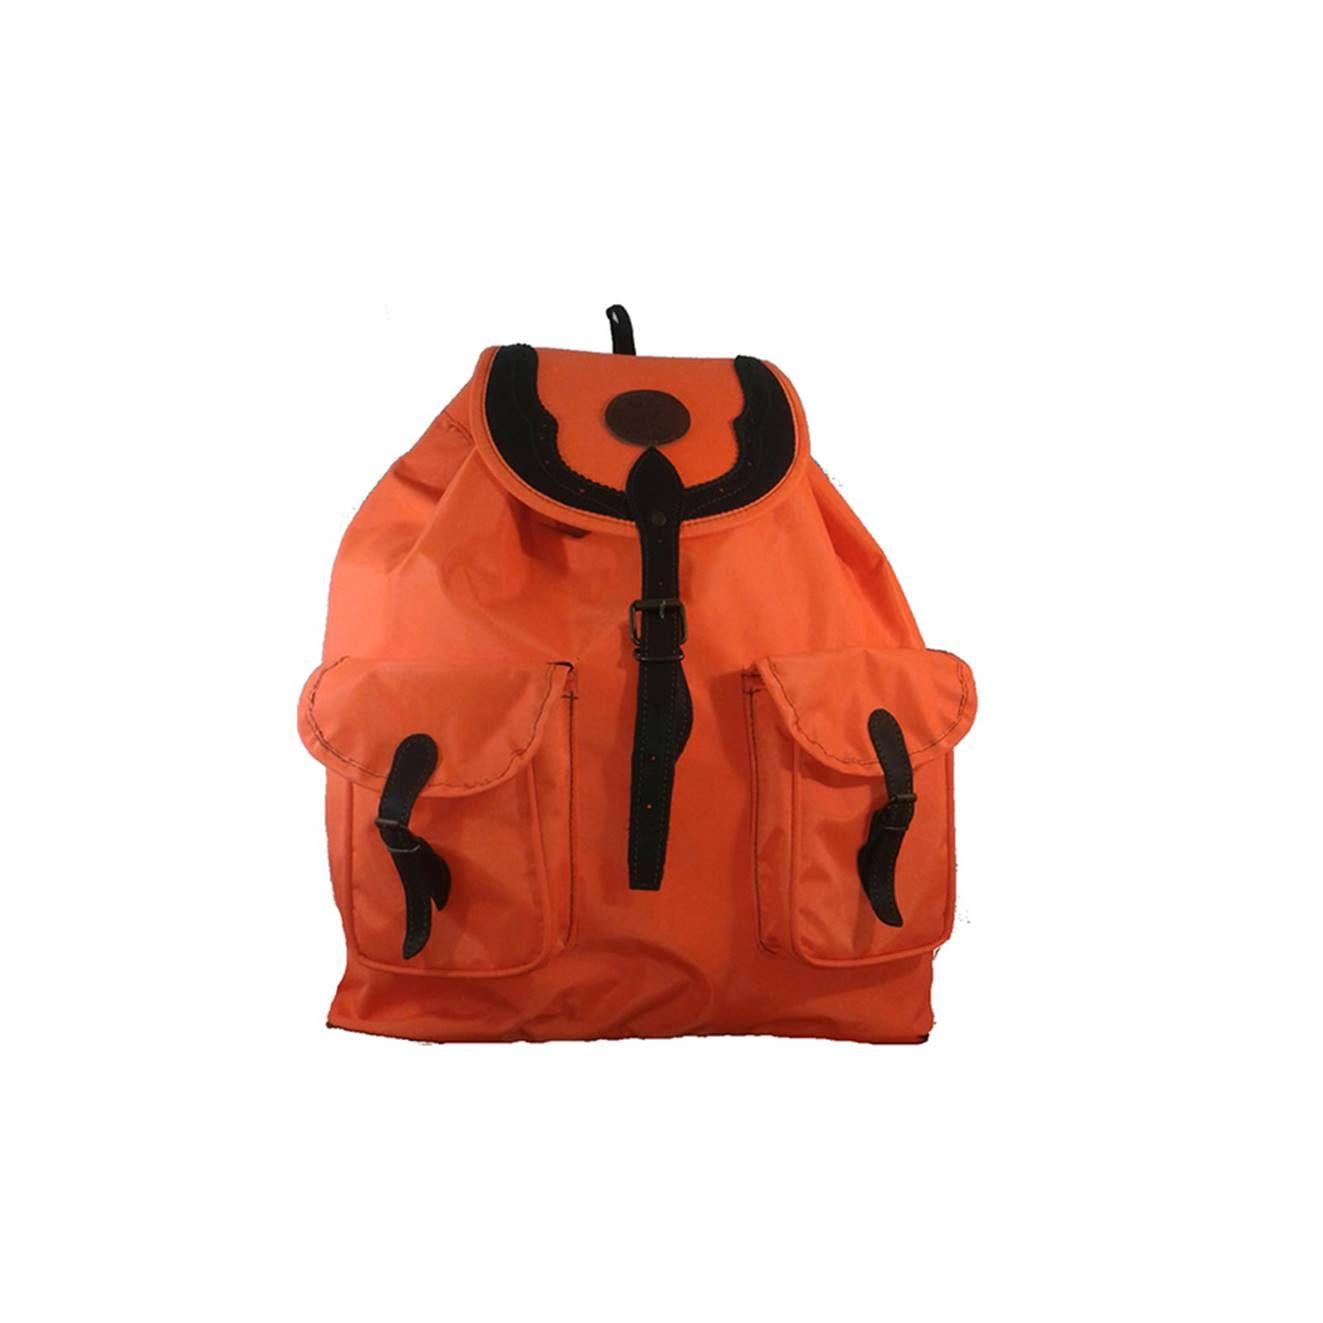 Mochila de caza grande en naranja, fabricada en cordura: Tienda online de Artículos de Caza